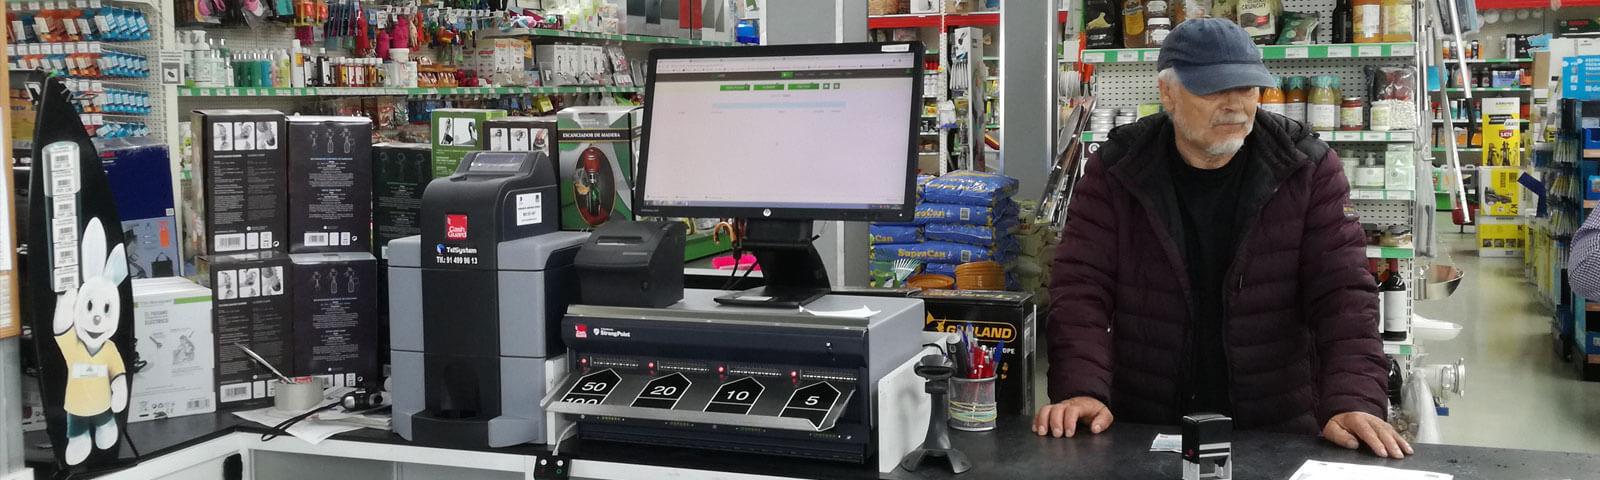 Sectores de negocio Telsystem: Retail